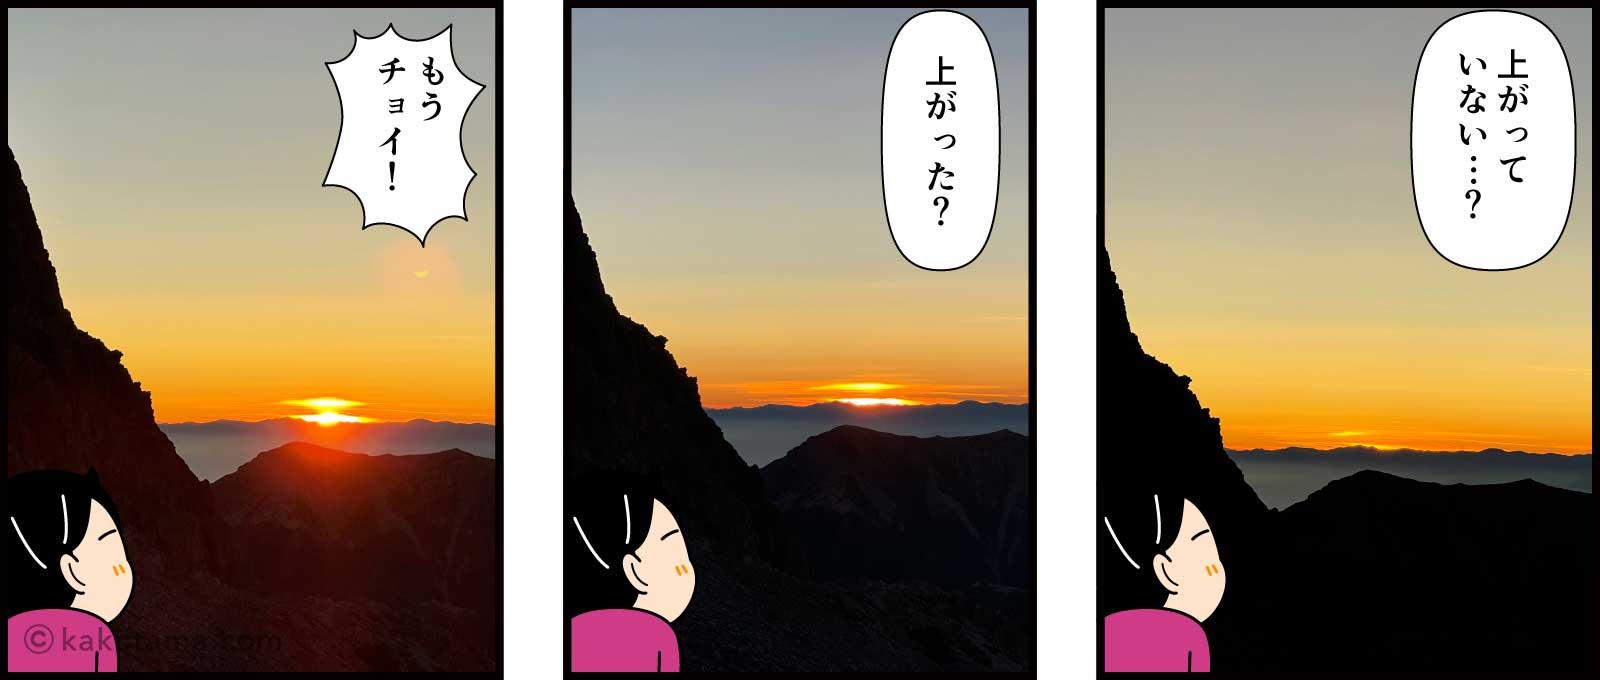 槍ヶ岳越しの日の出を見守る漫画